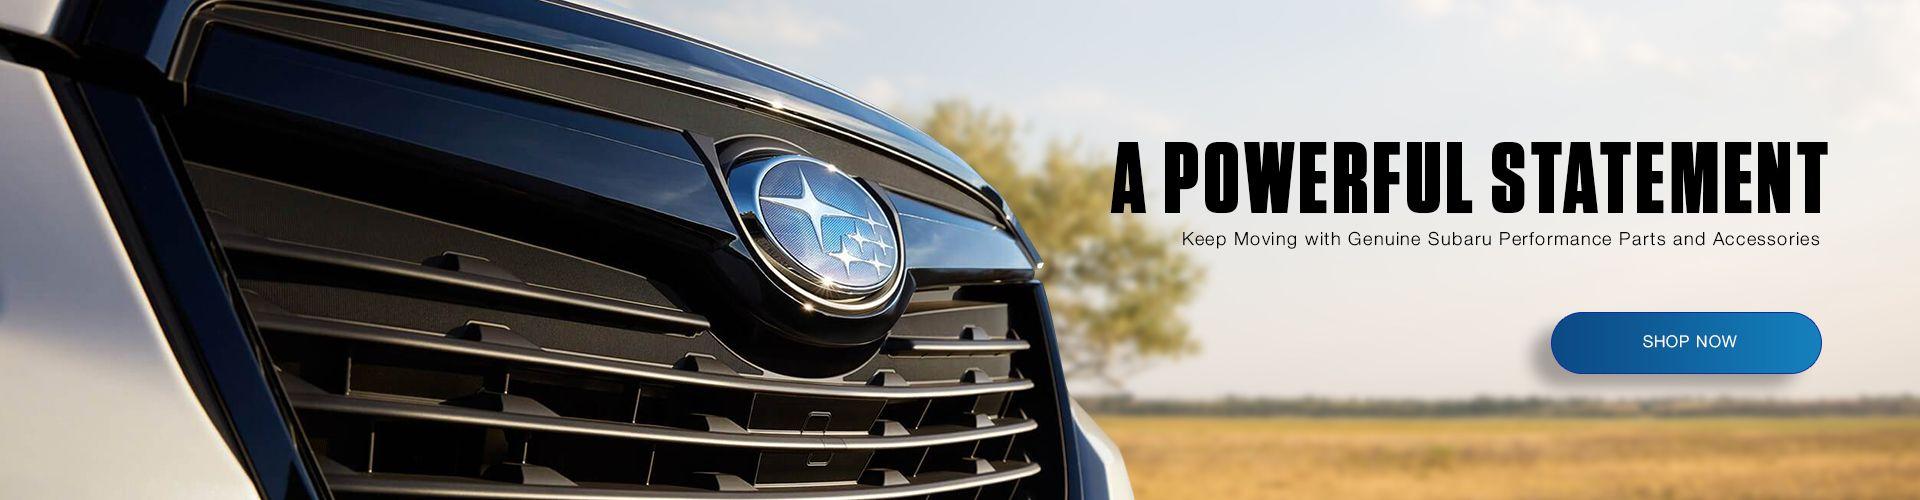 Shop Genuine Subaru Parts and Accessories